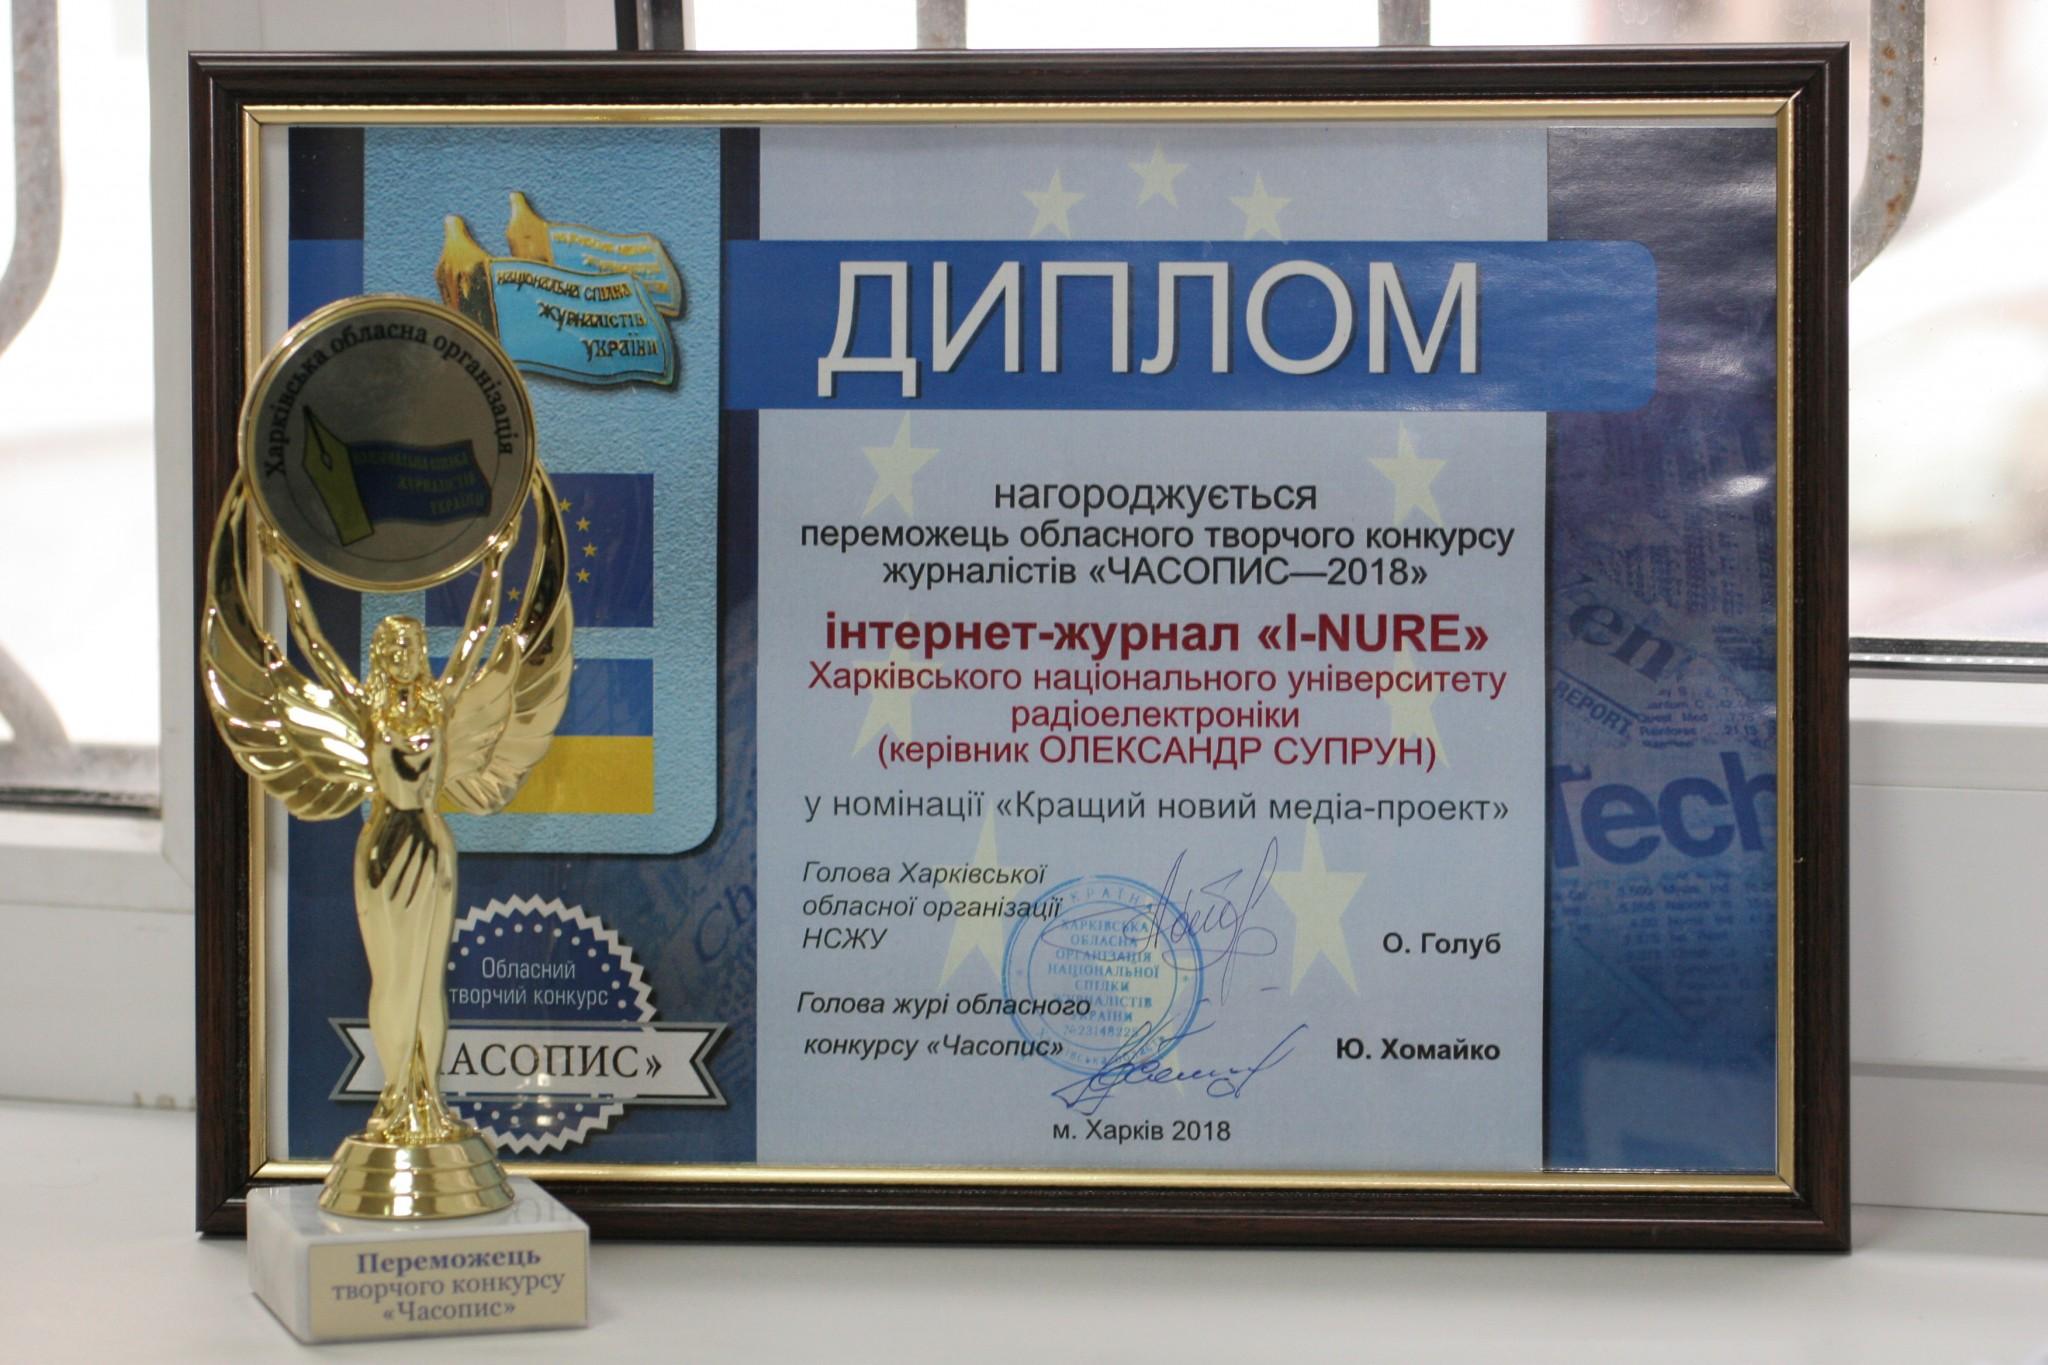 Интернет-журнал «I-NURE» получил награду областного конкурса